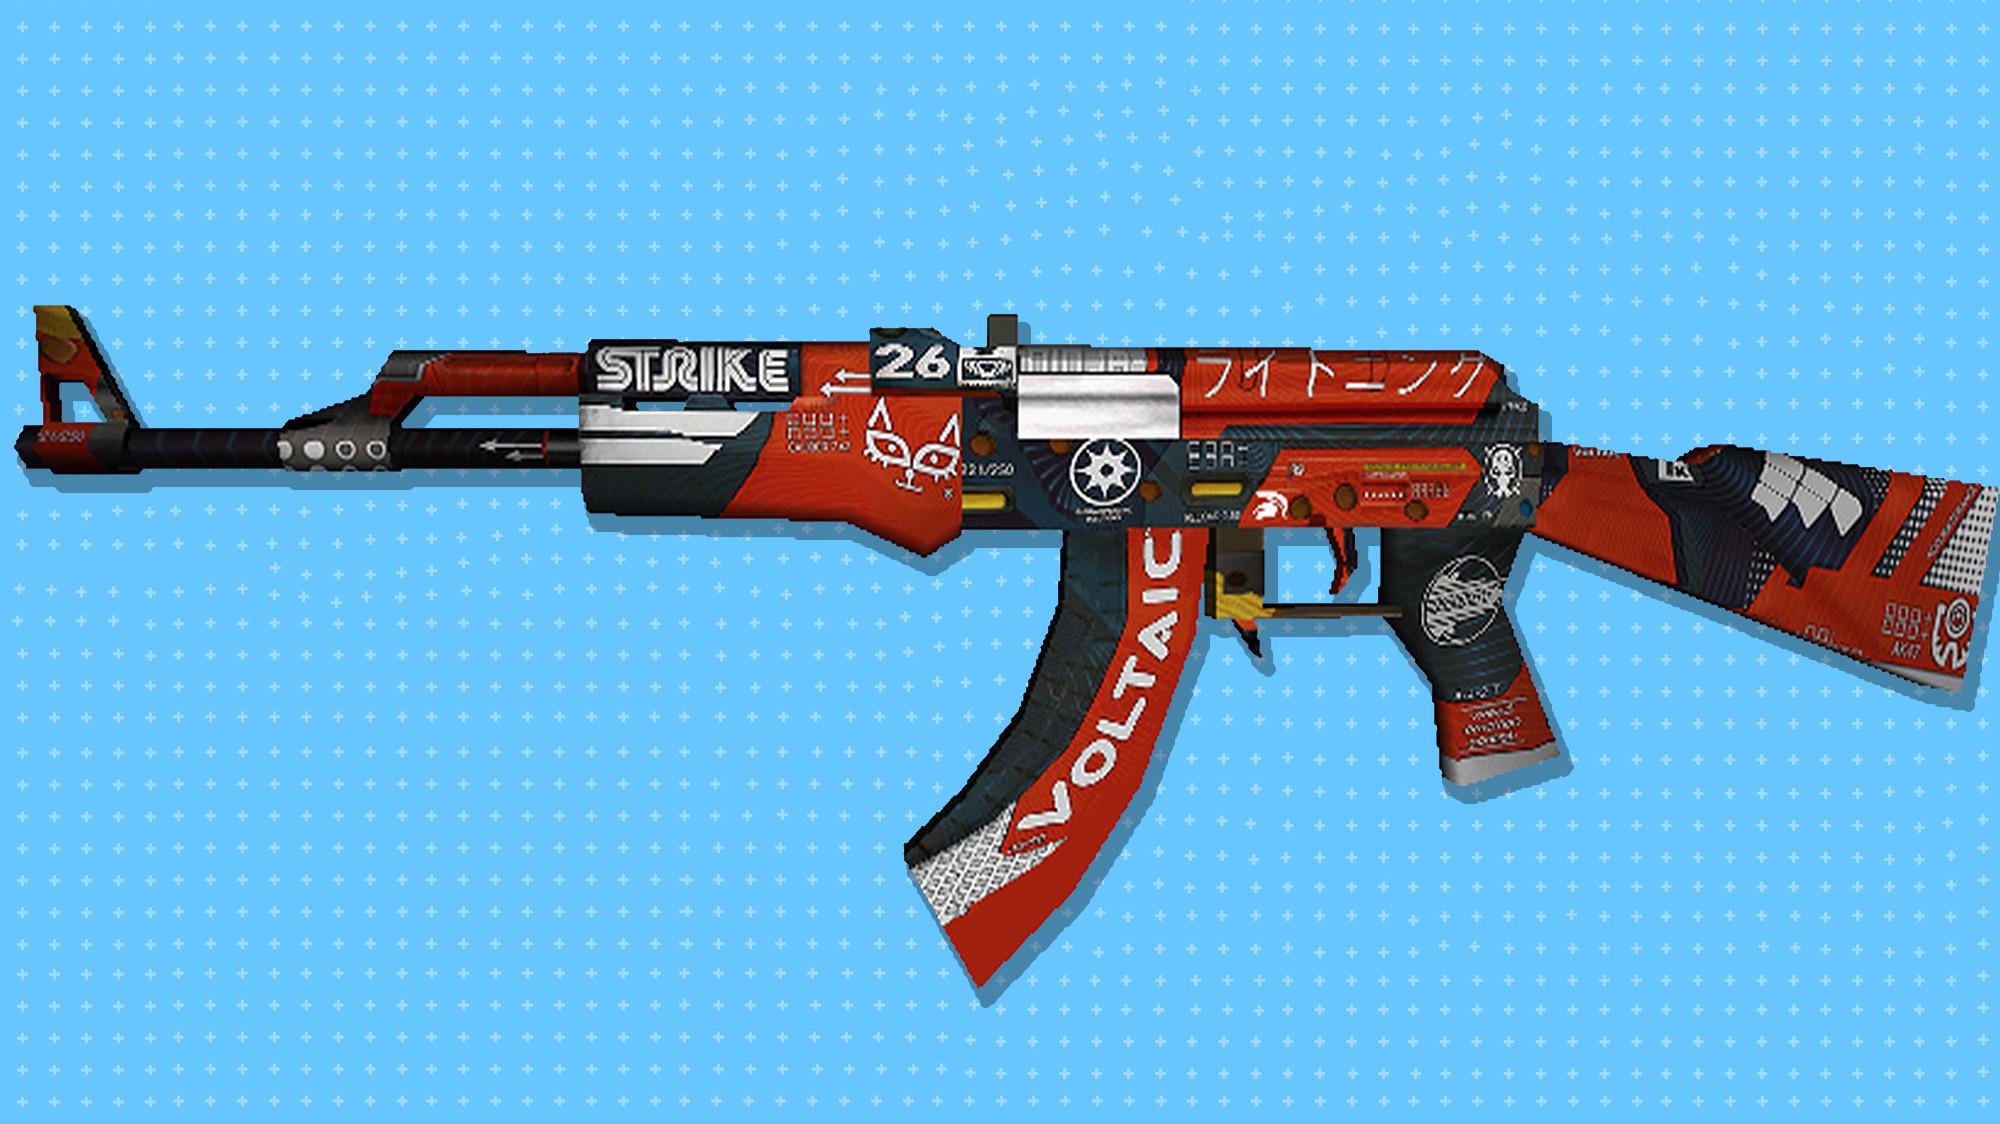 Bloodsport - AK-47 58d7c6209ab3b